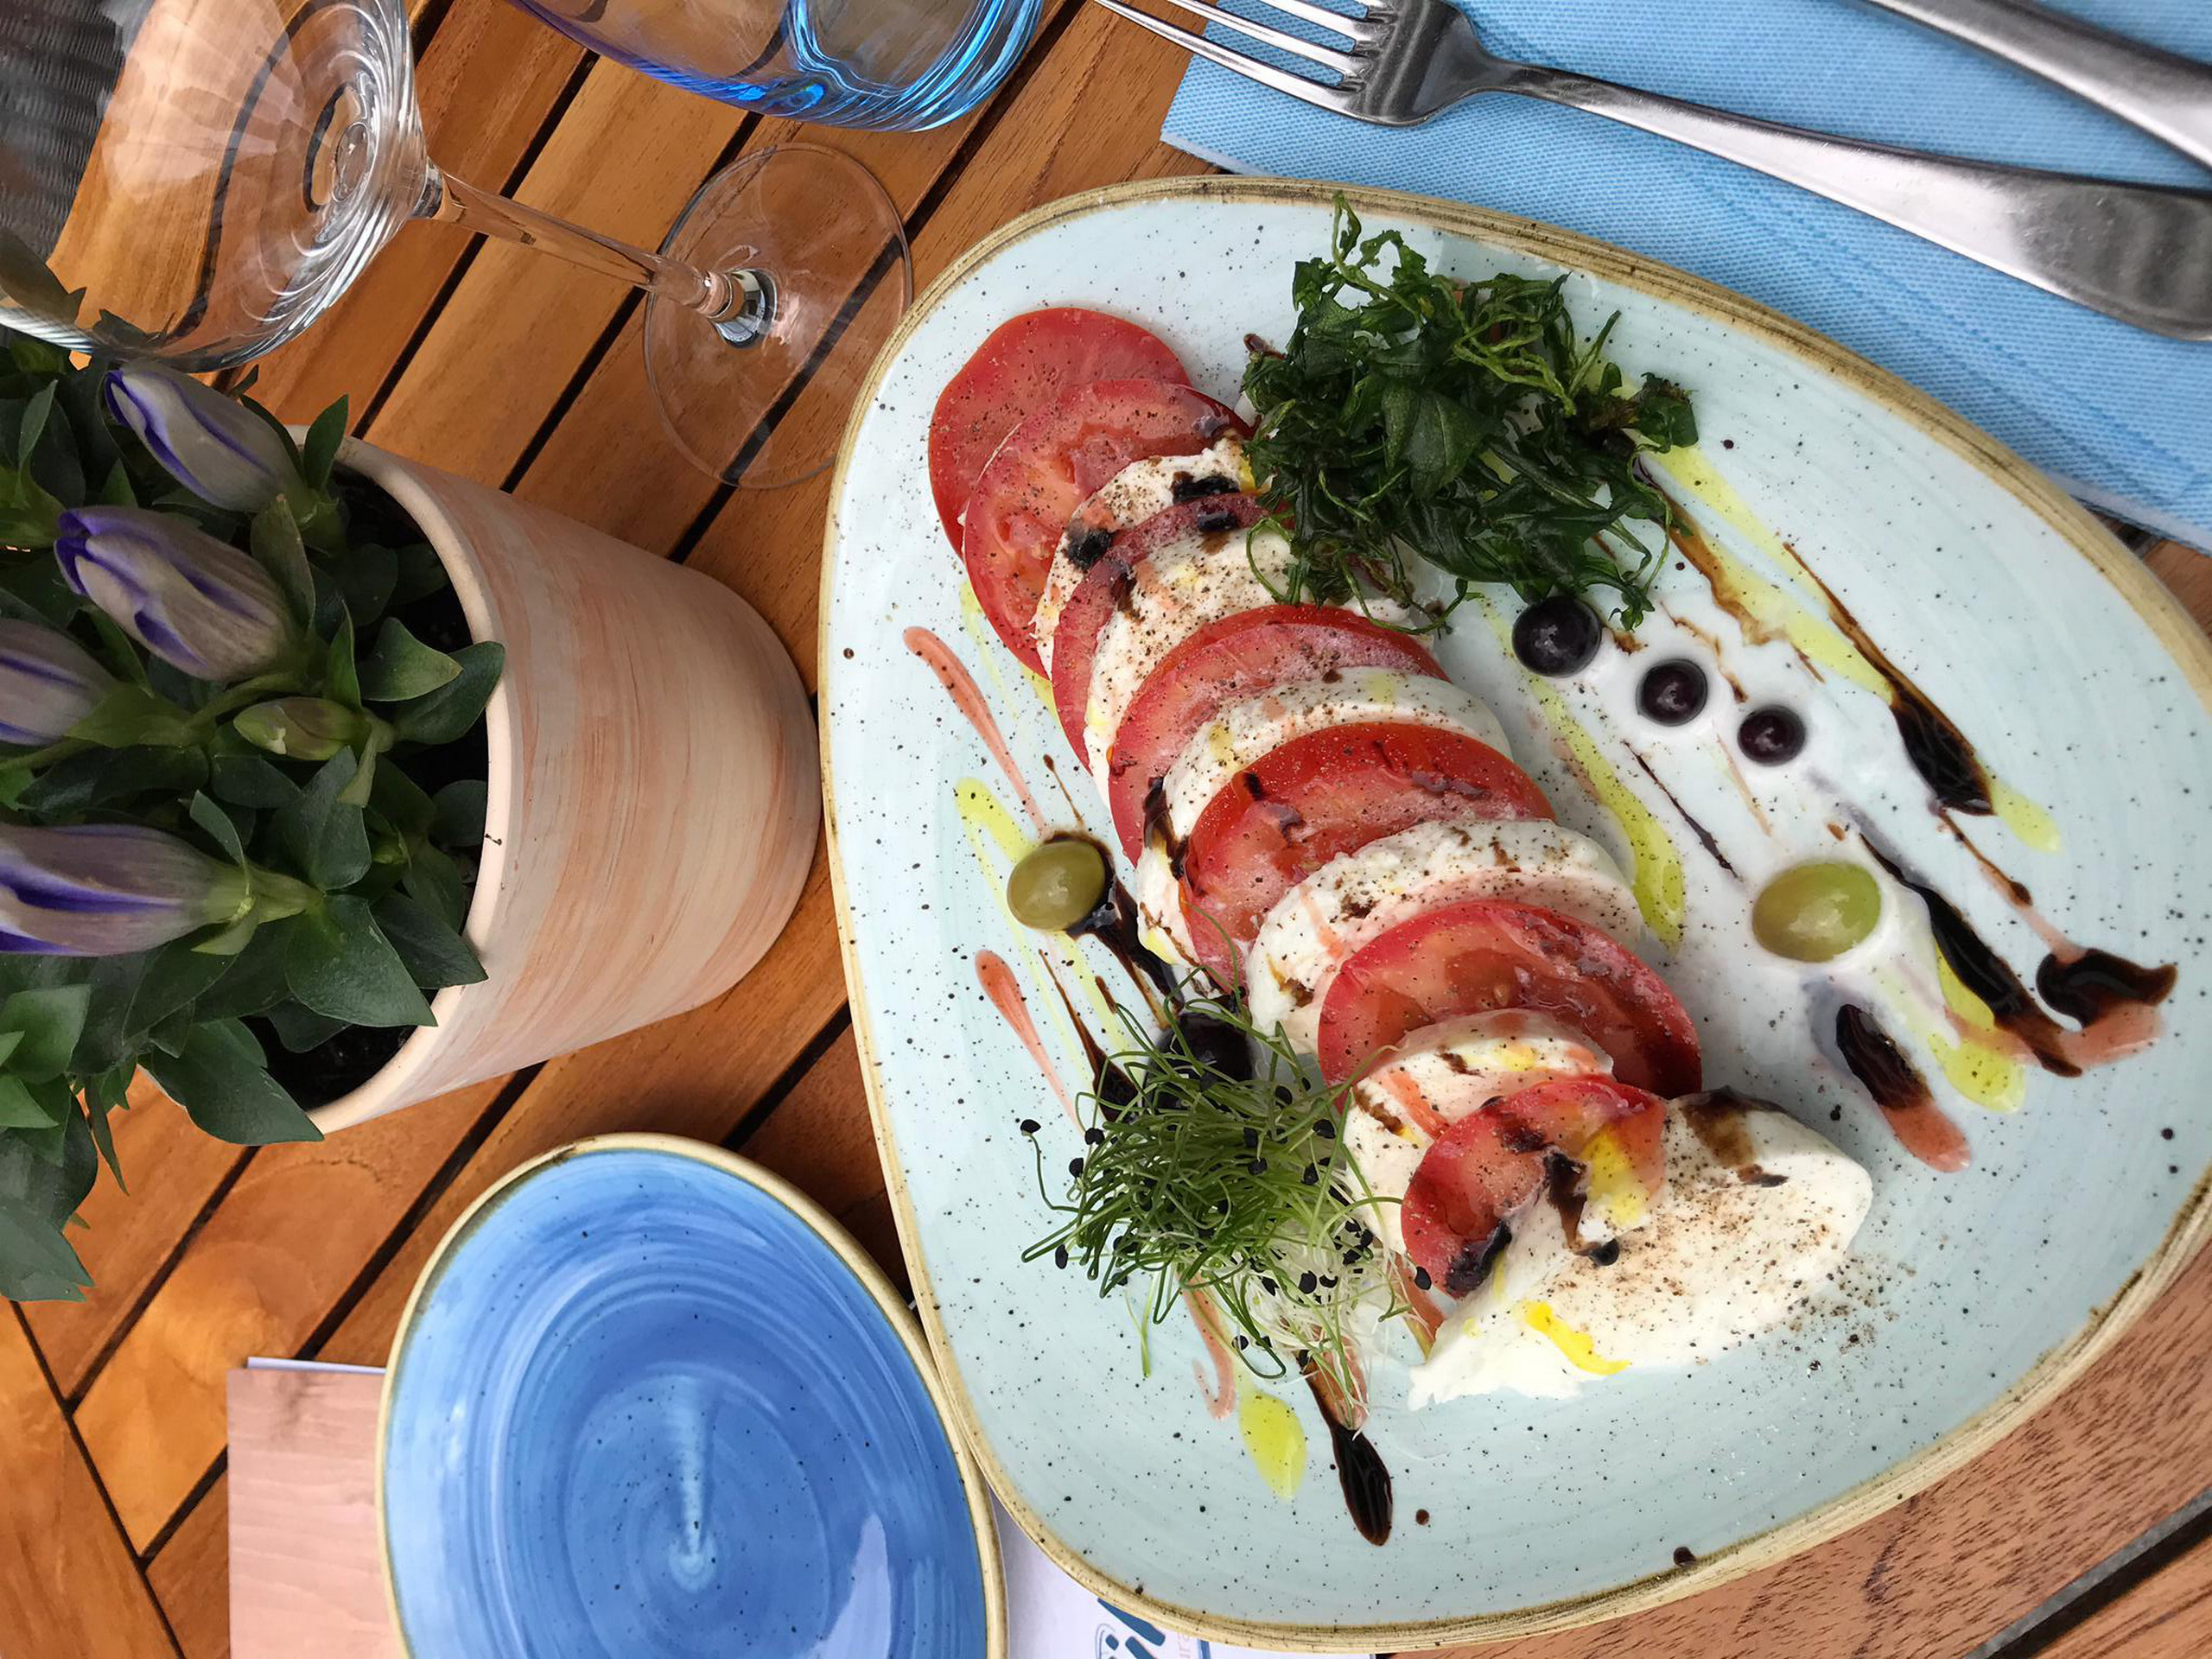 aarmuehle-hapimag-tomaten-mozaralla.jpg